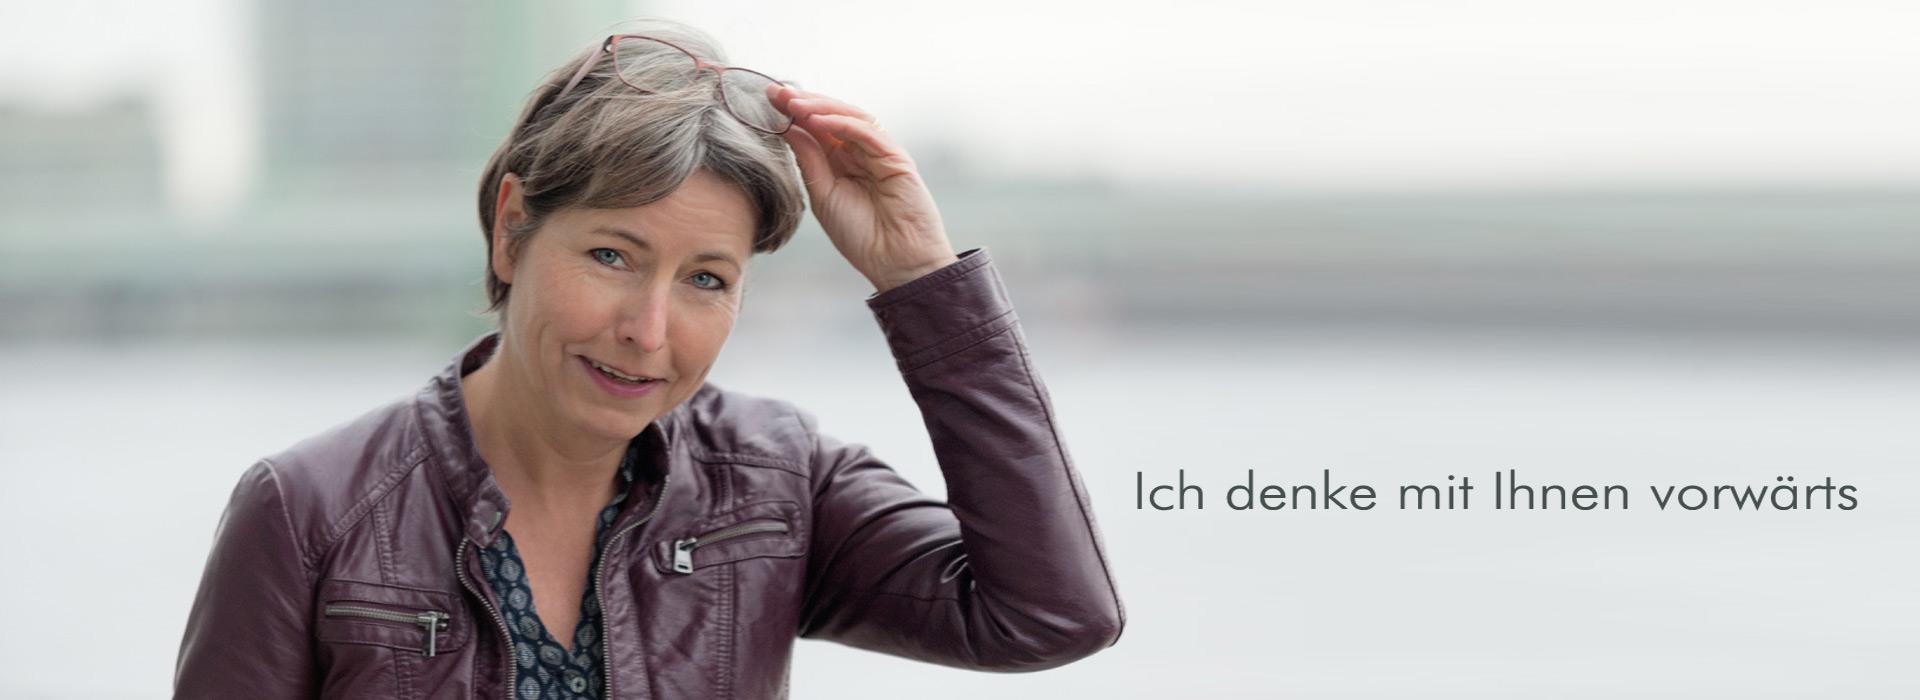 Coaching Köln. Sibylle Kaminski. Erfolgswege für Menschen und Unternehmen